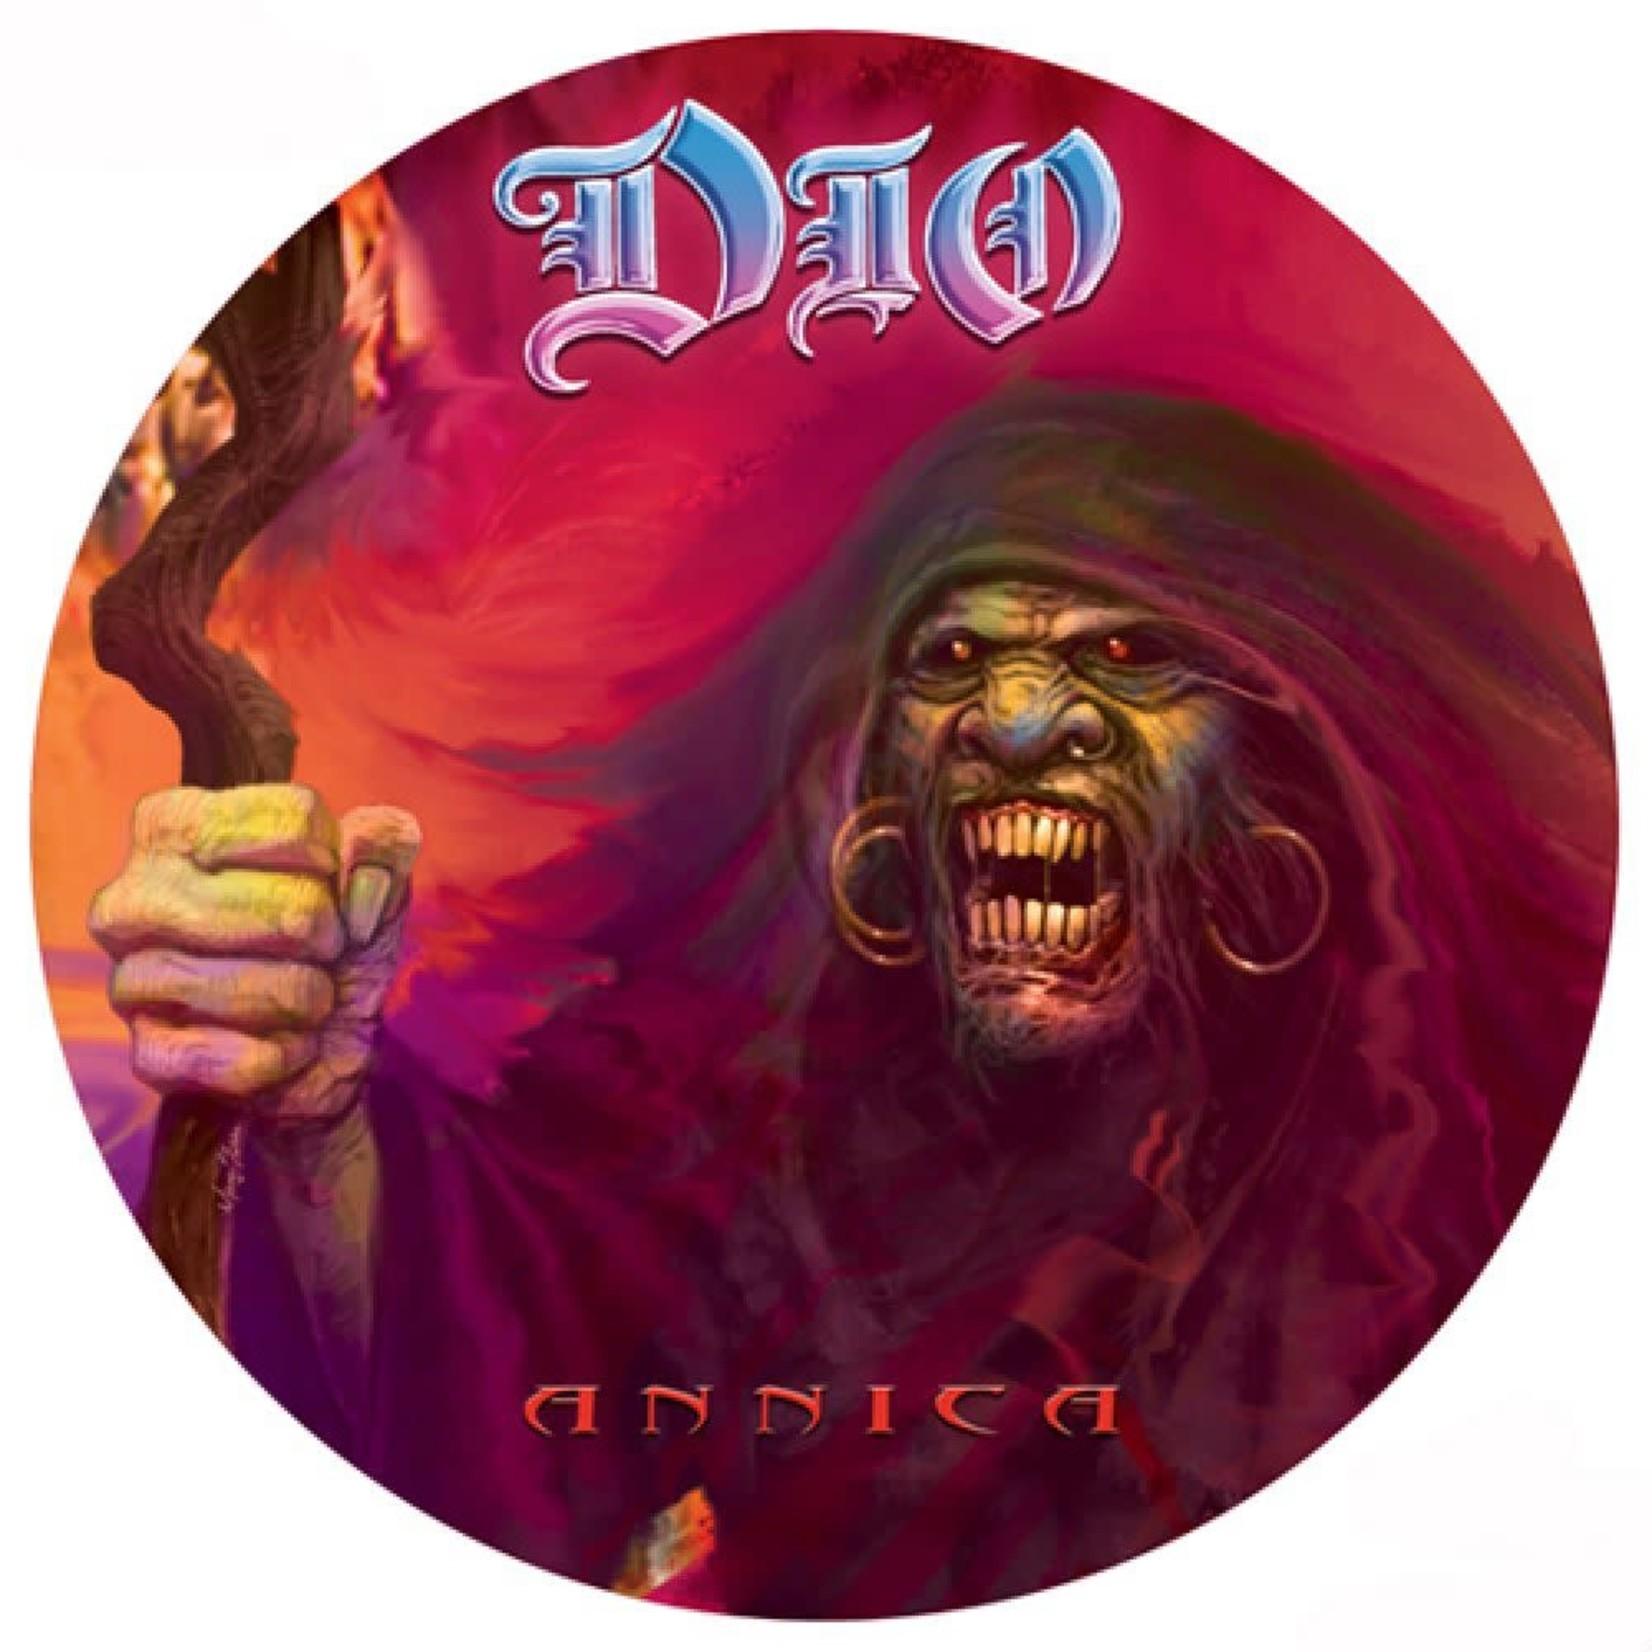 [New] Dio (Black Sabbath): Annica (picture disc)